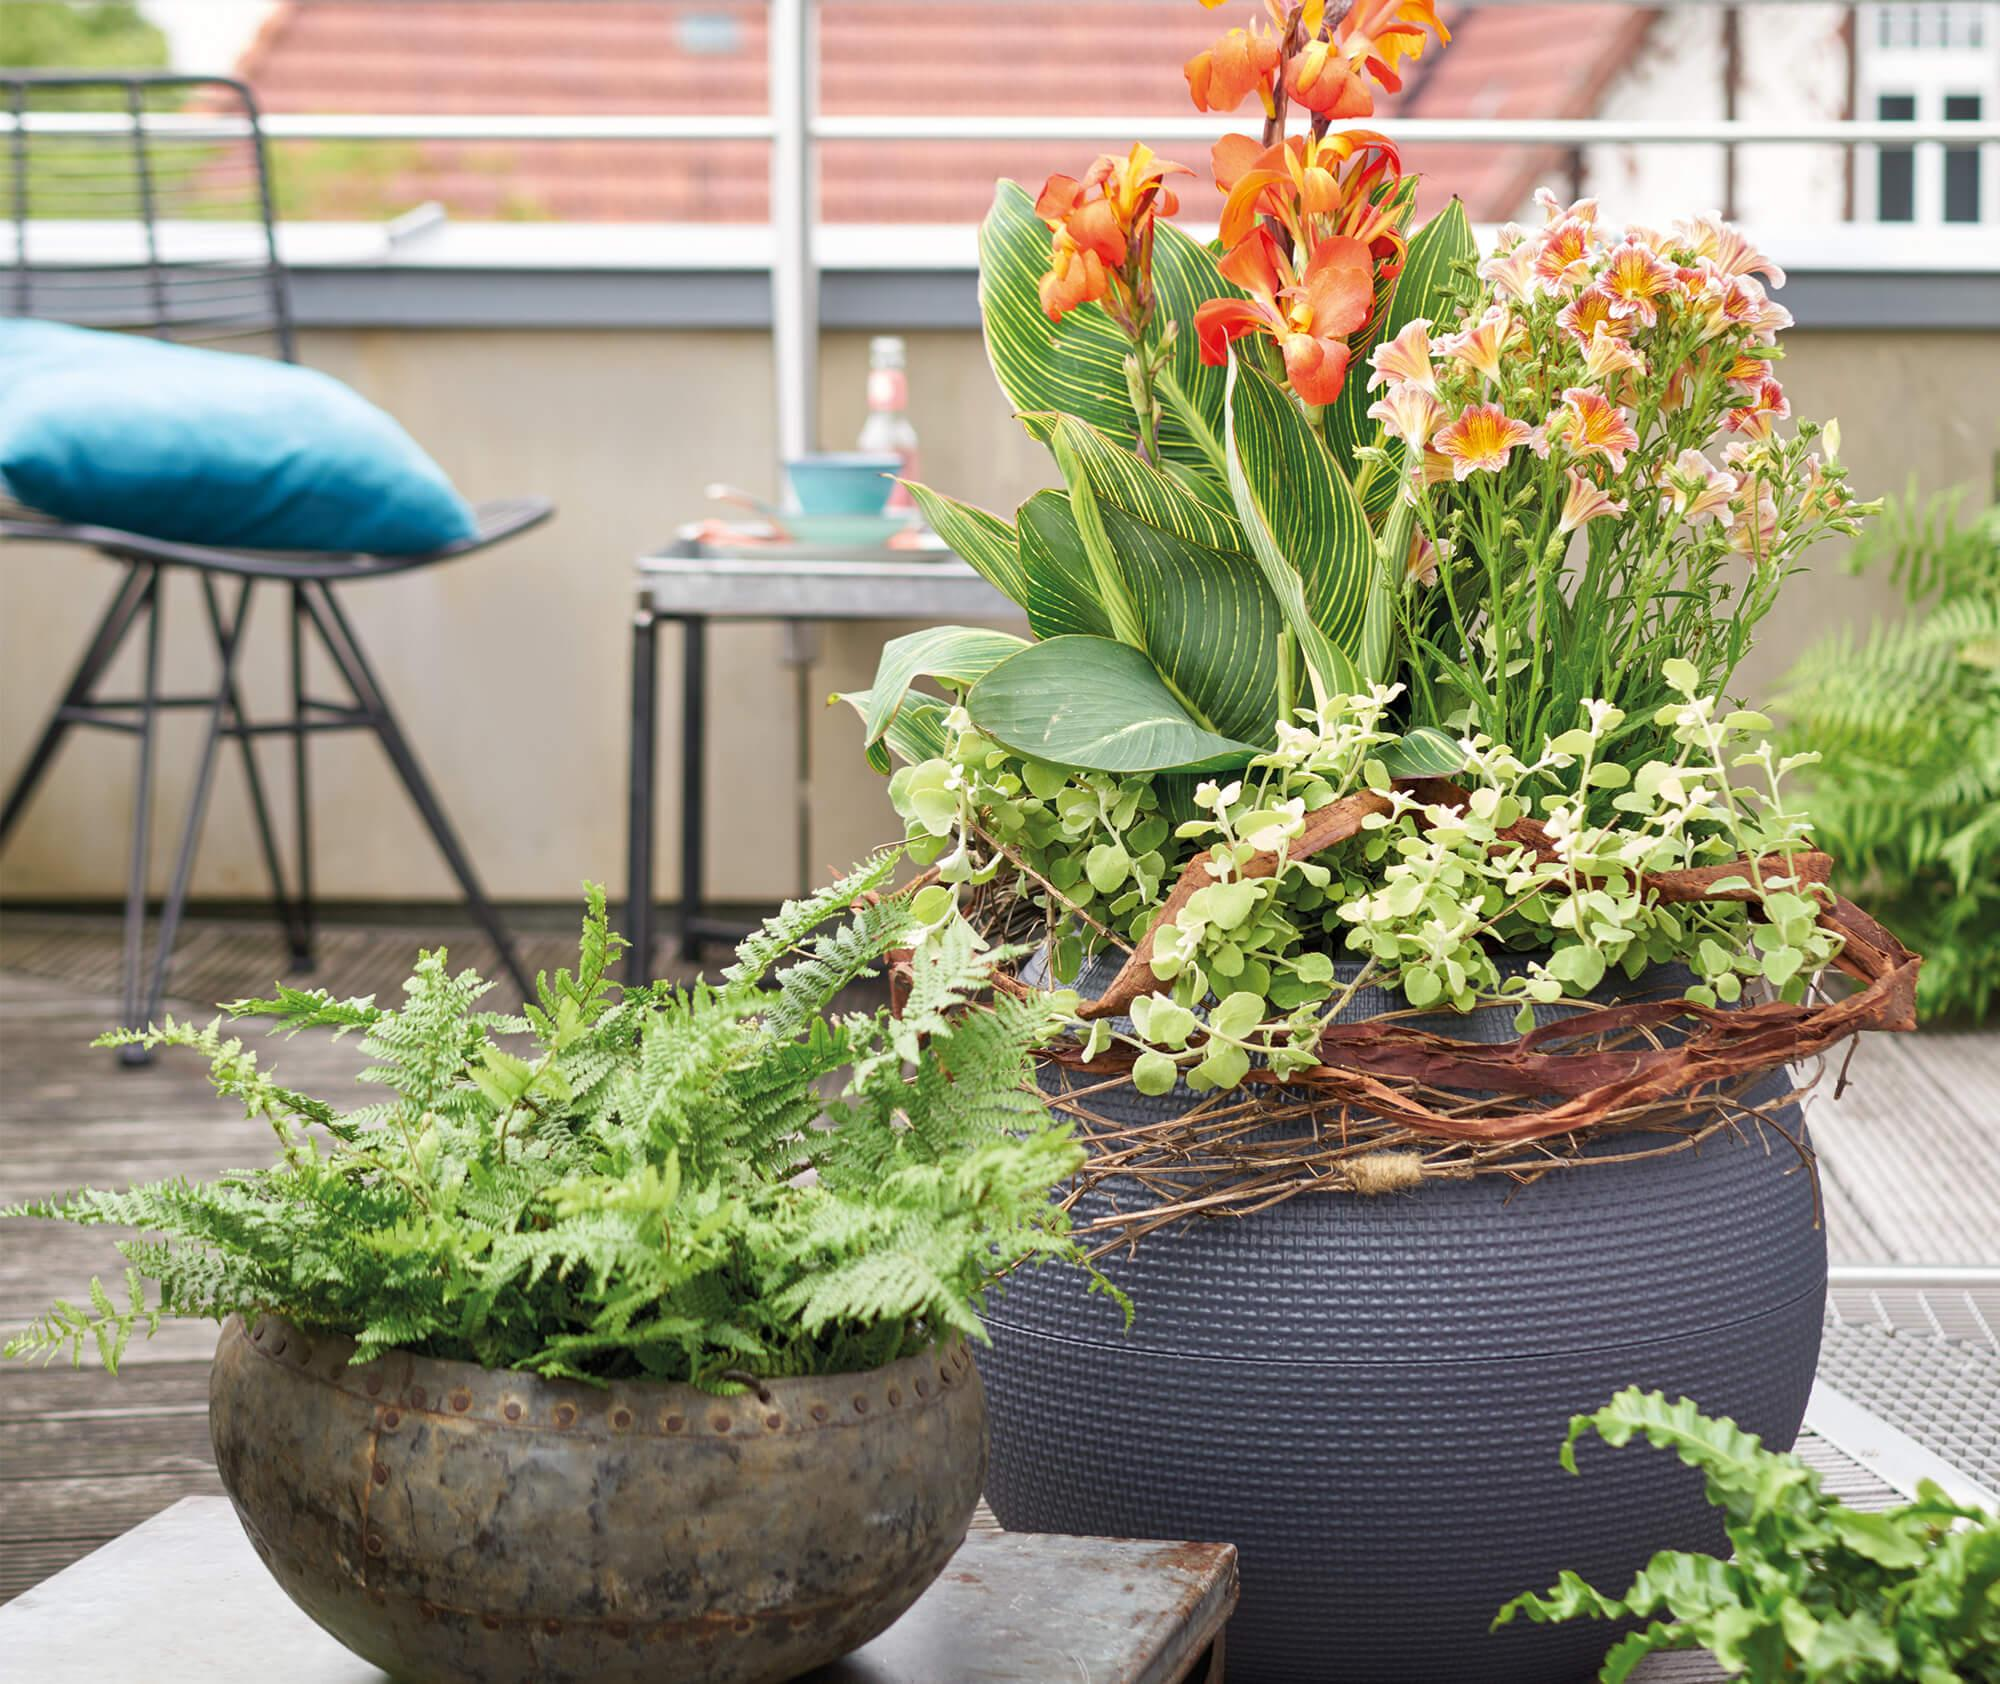 le_tw-urban-gardening_puro_gr